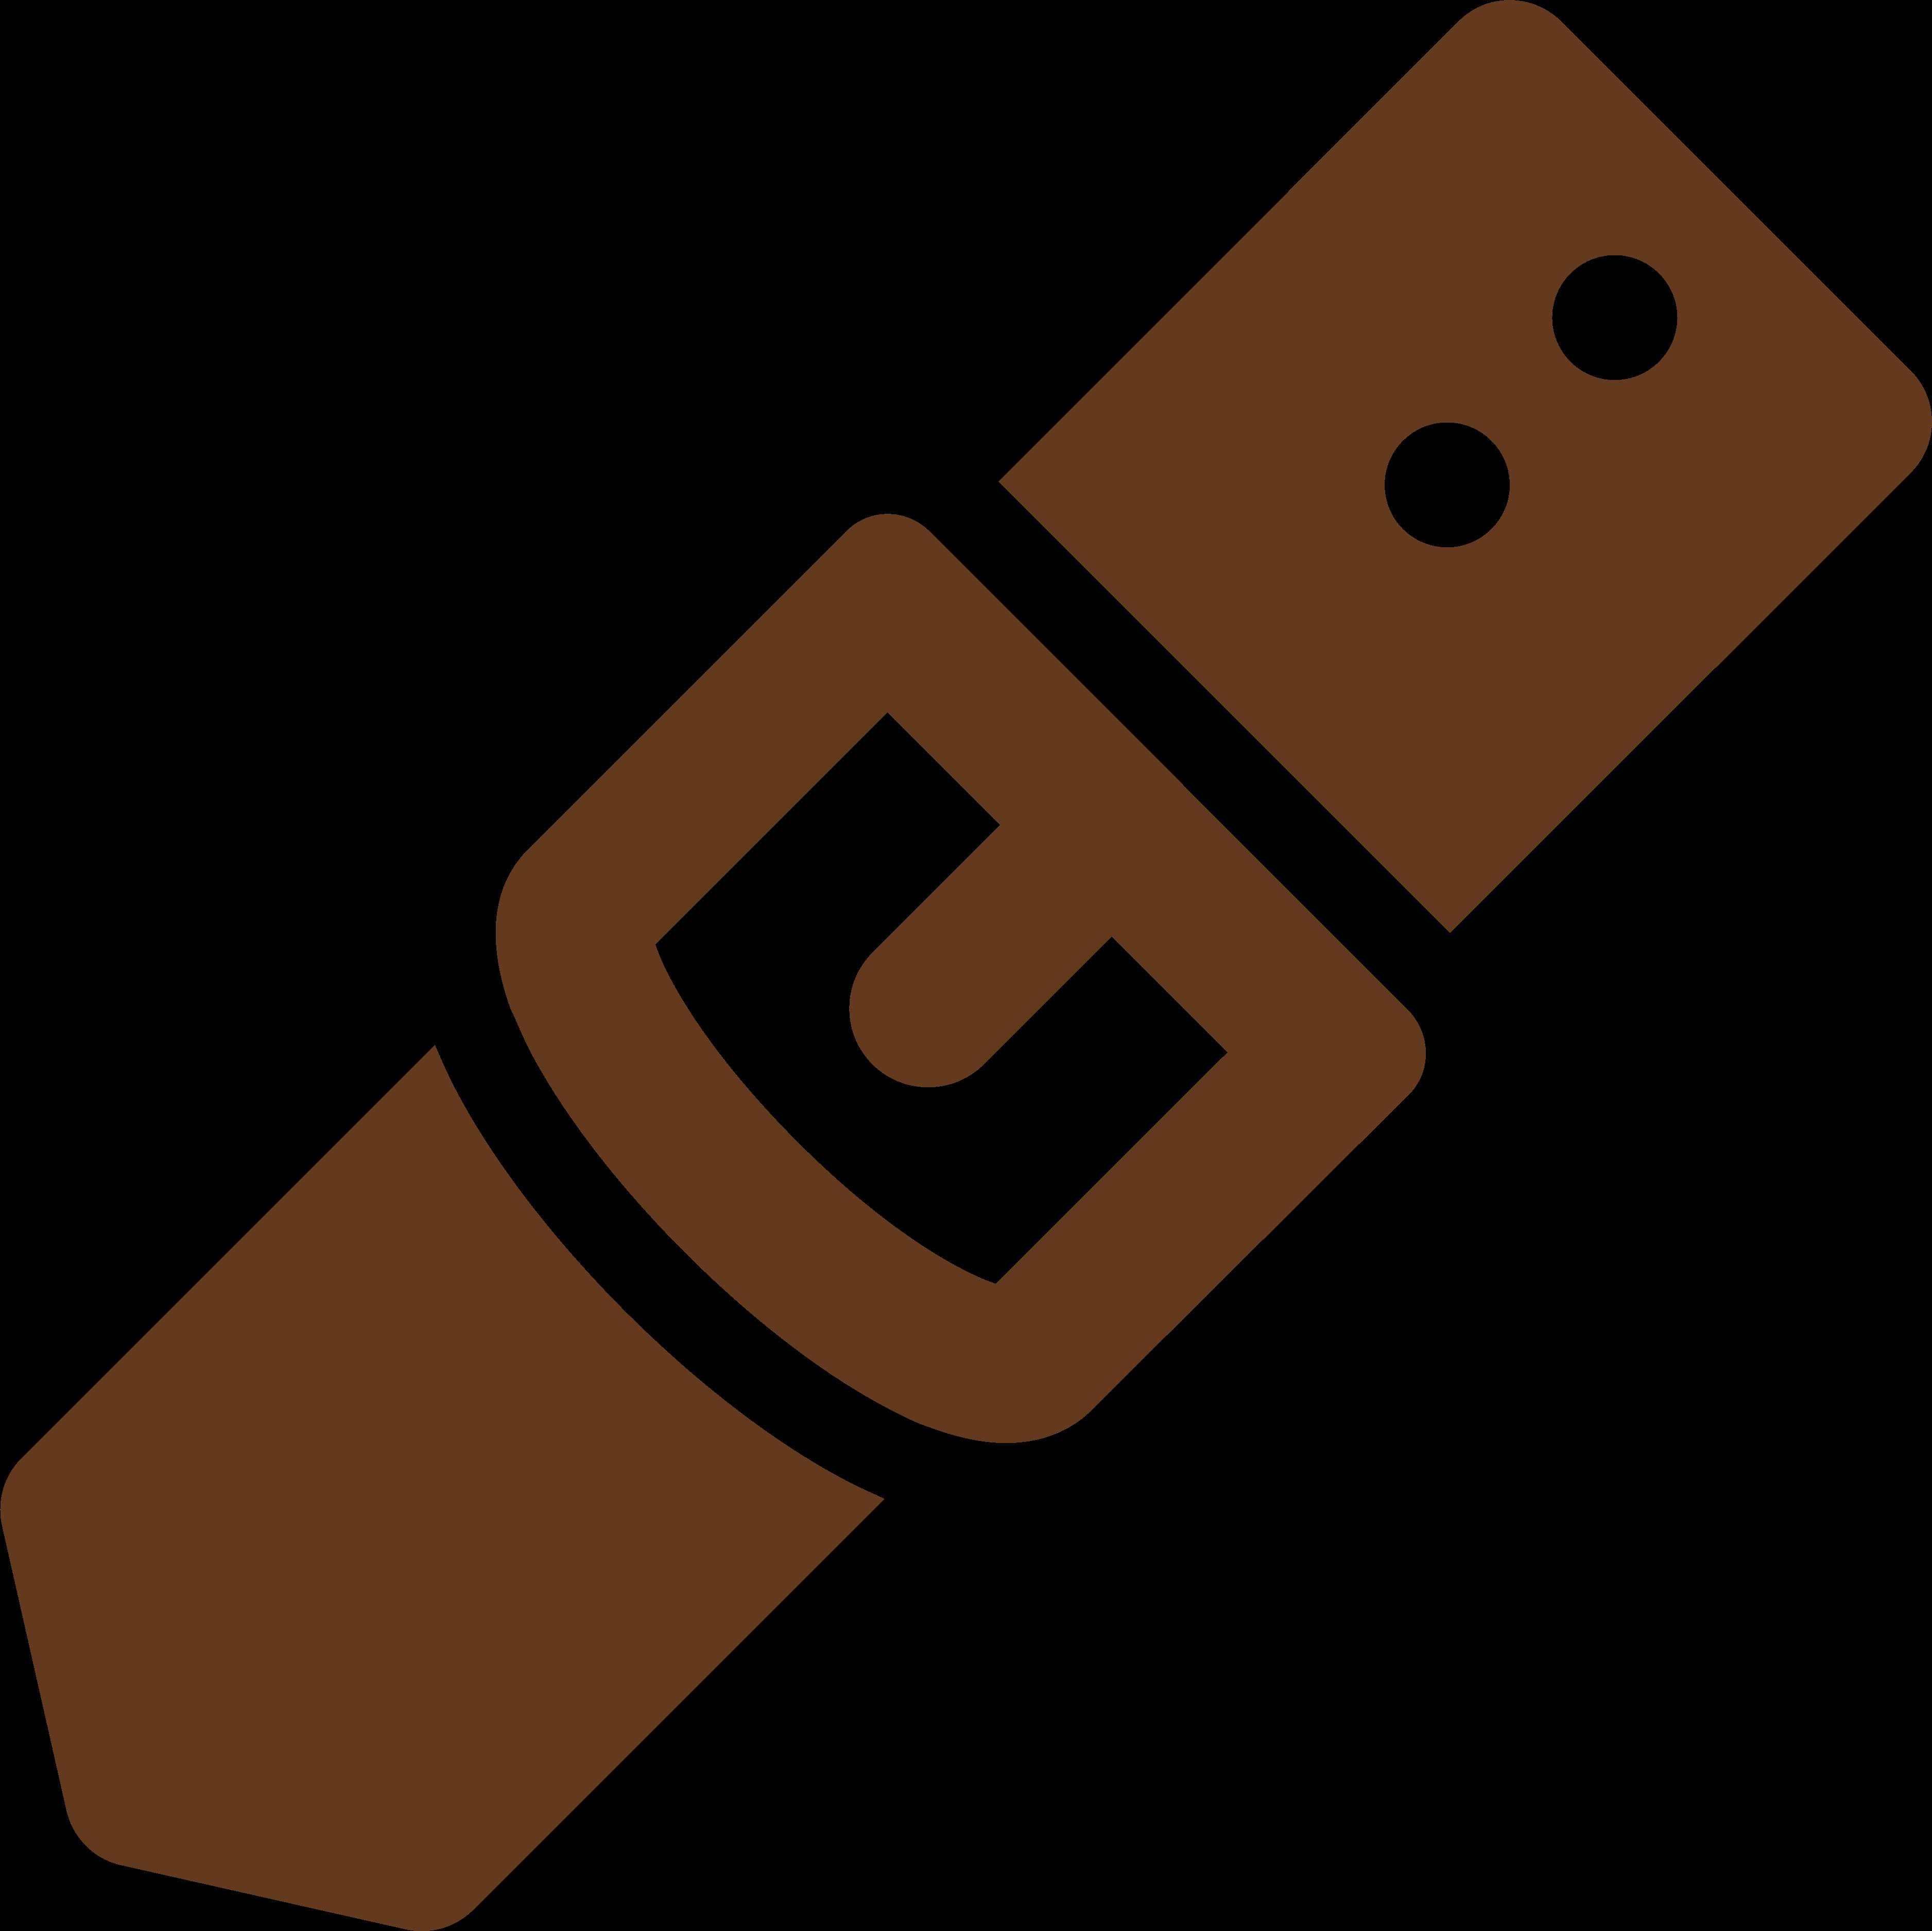 icone ceinture